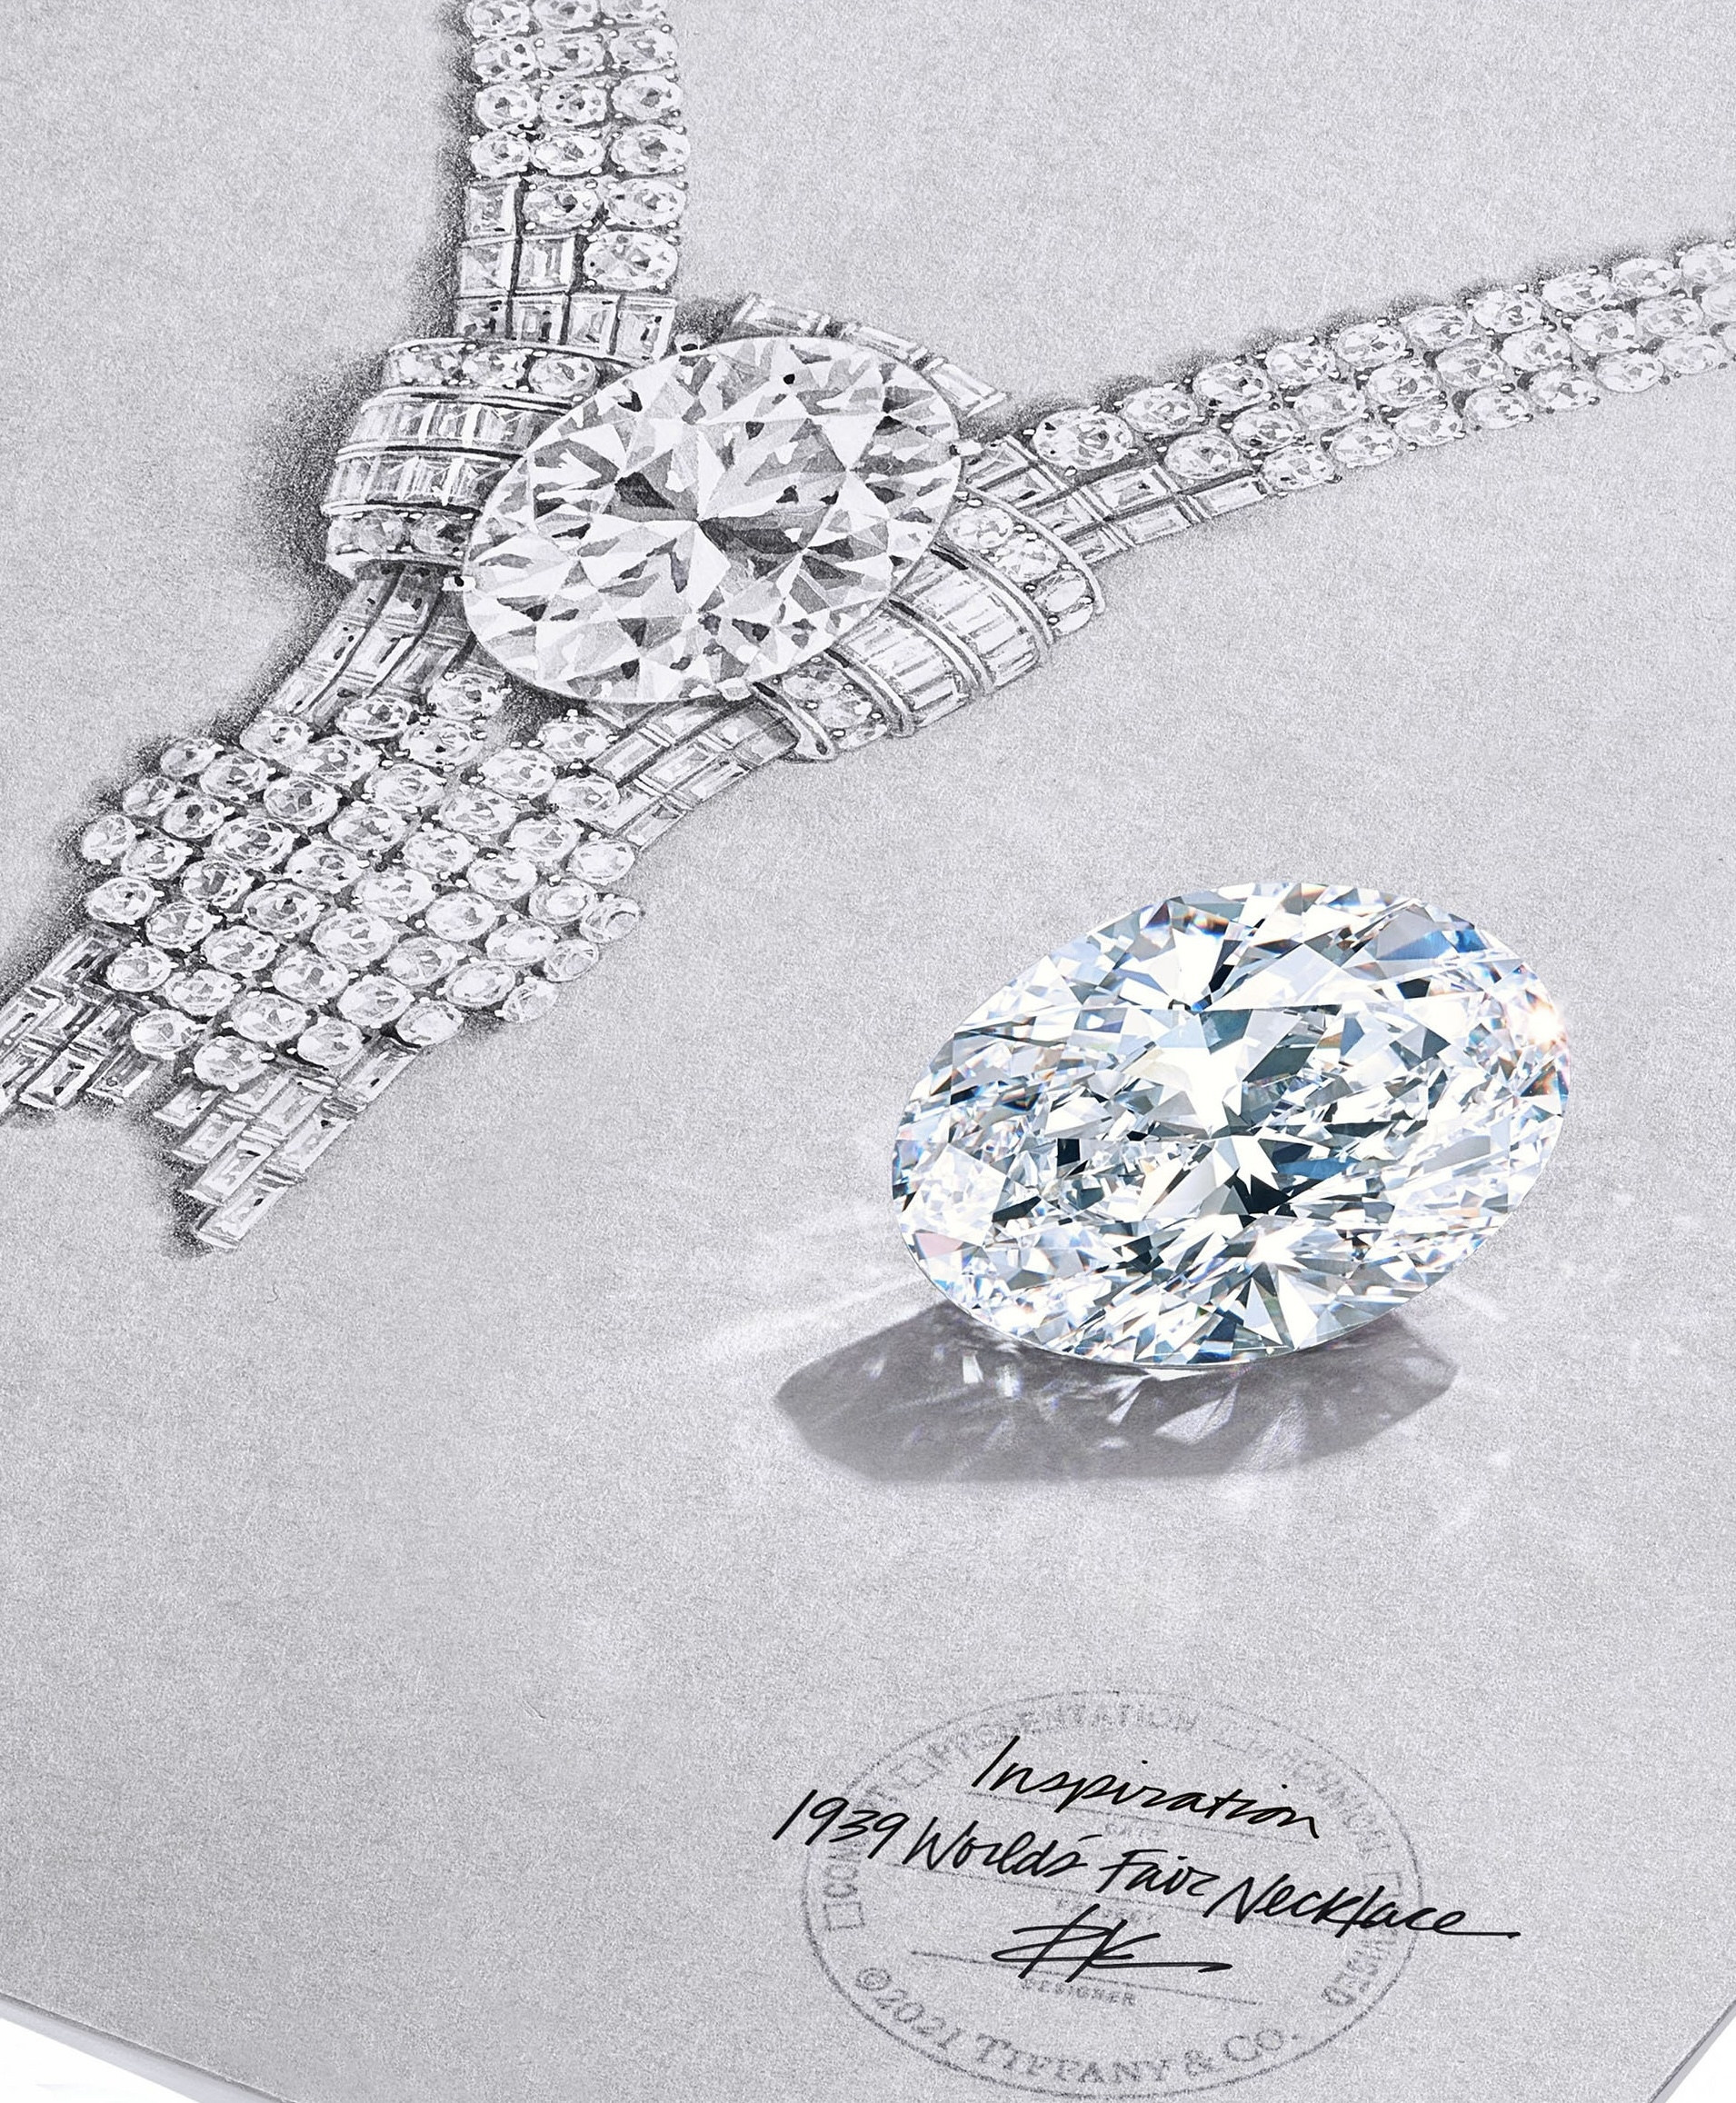 Un diamante da 80 carati per Tiffany